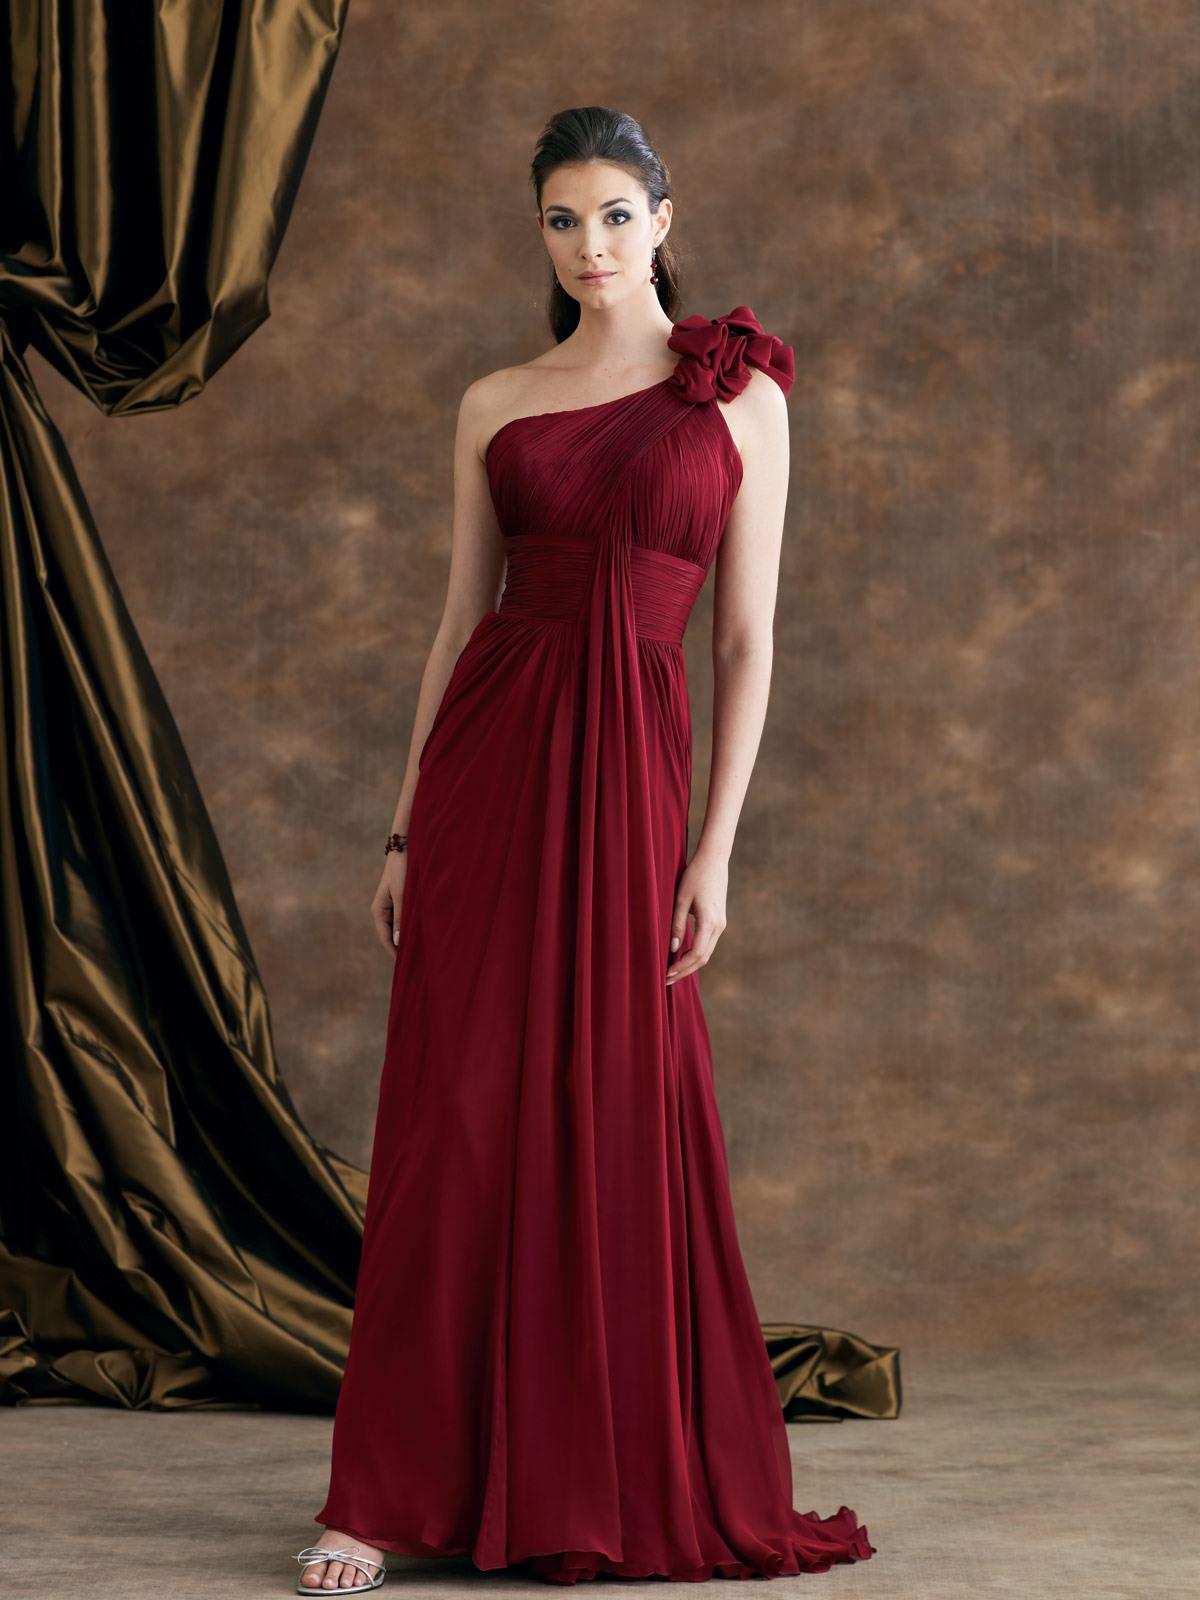 10 Erstaunlich Rote Kleider Für Henna Abend Vertrieb Cool Rote Kleider Für Henna Abend Spezialgebiet